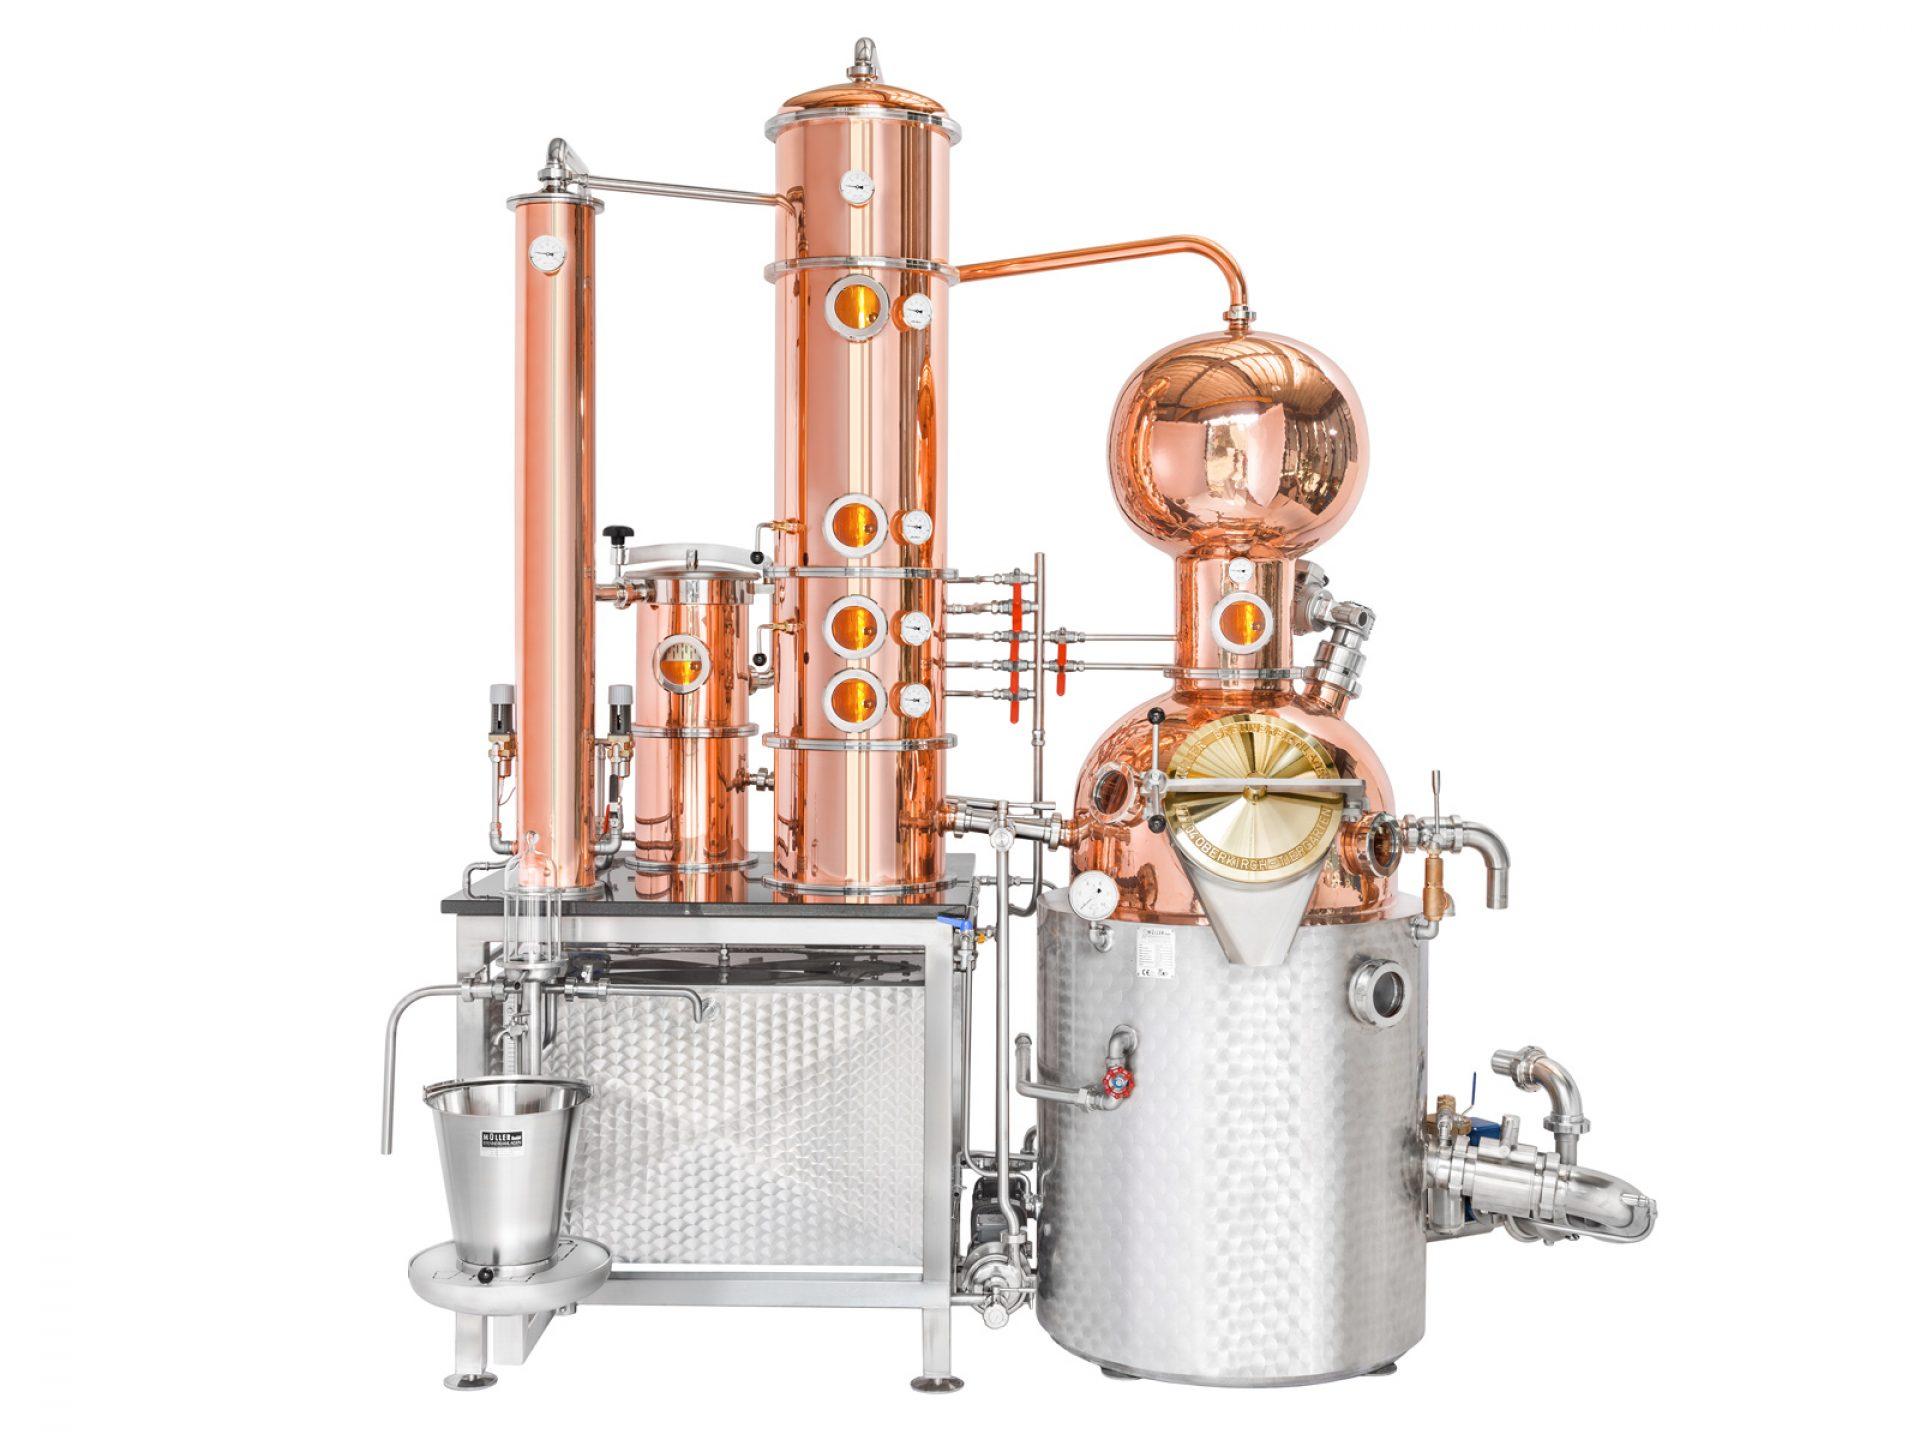 mueller-aroma-brennereianlagen-slider-1920-1200-02